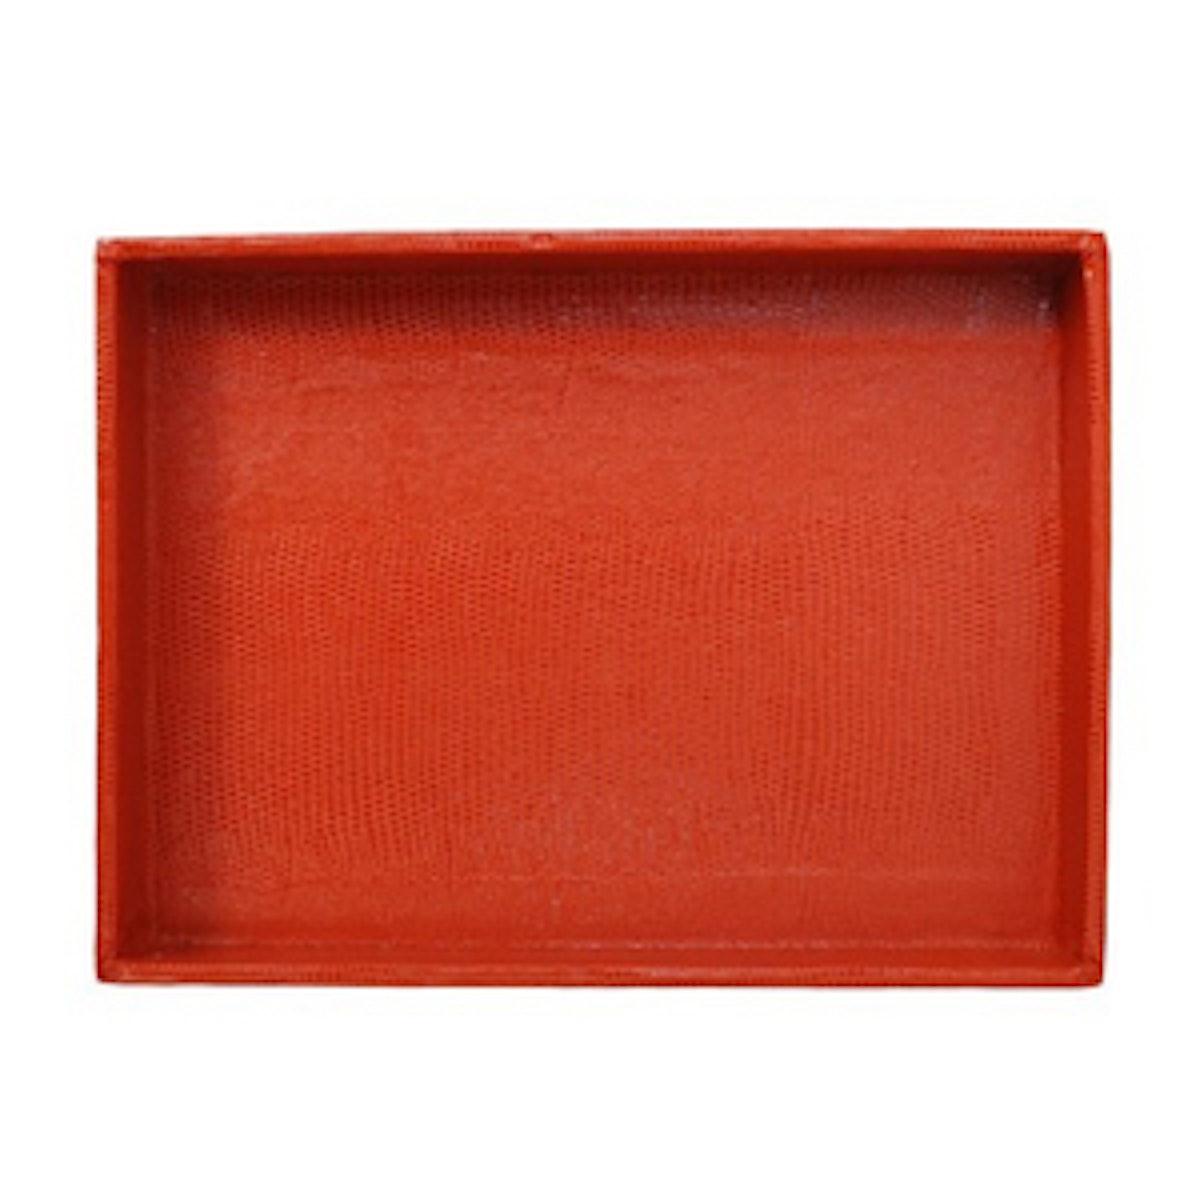 Desk Tray in Orange